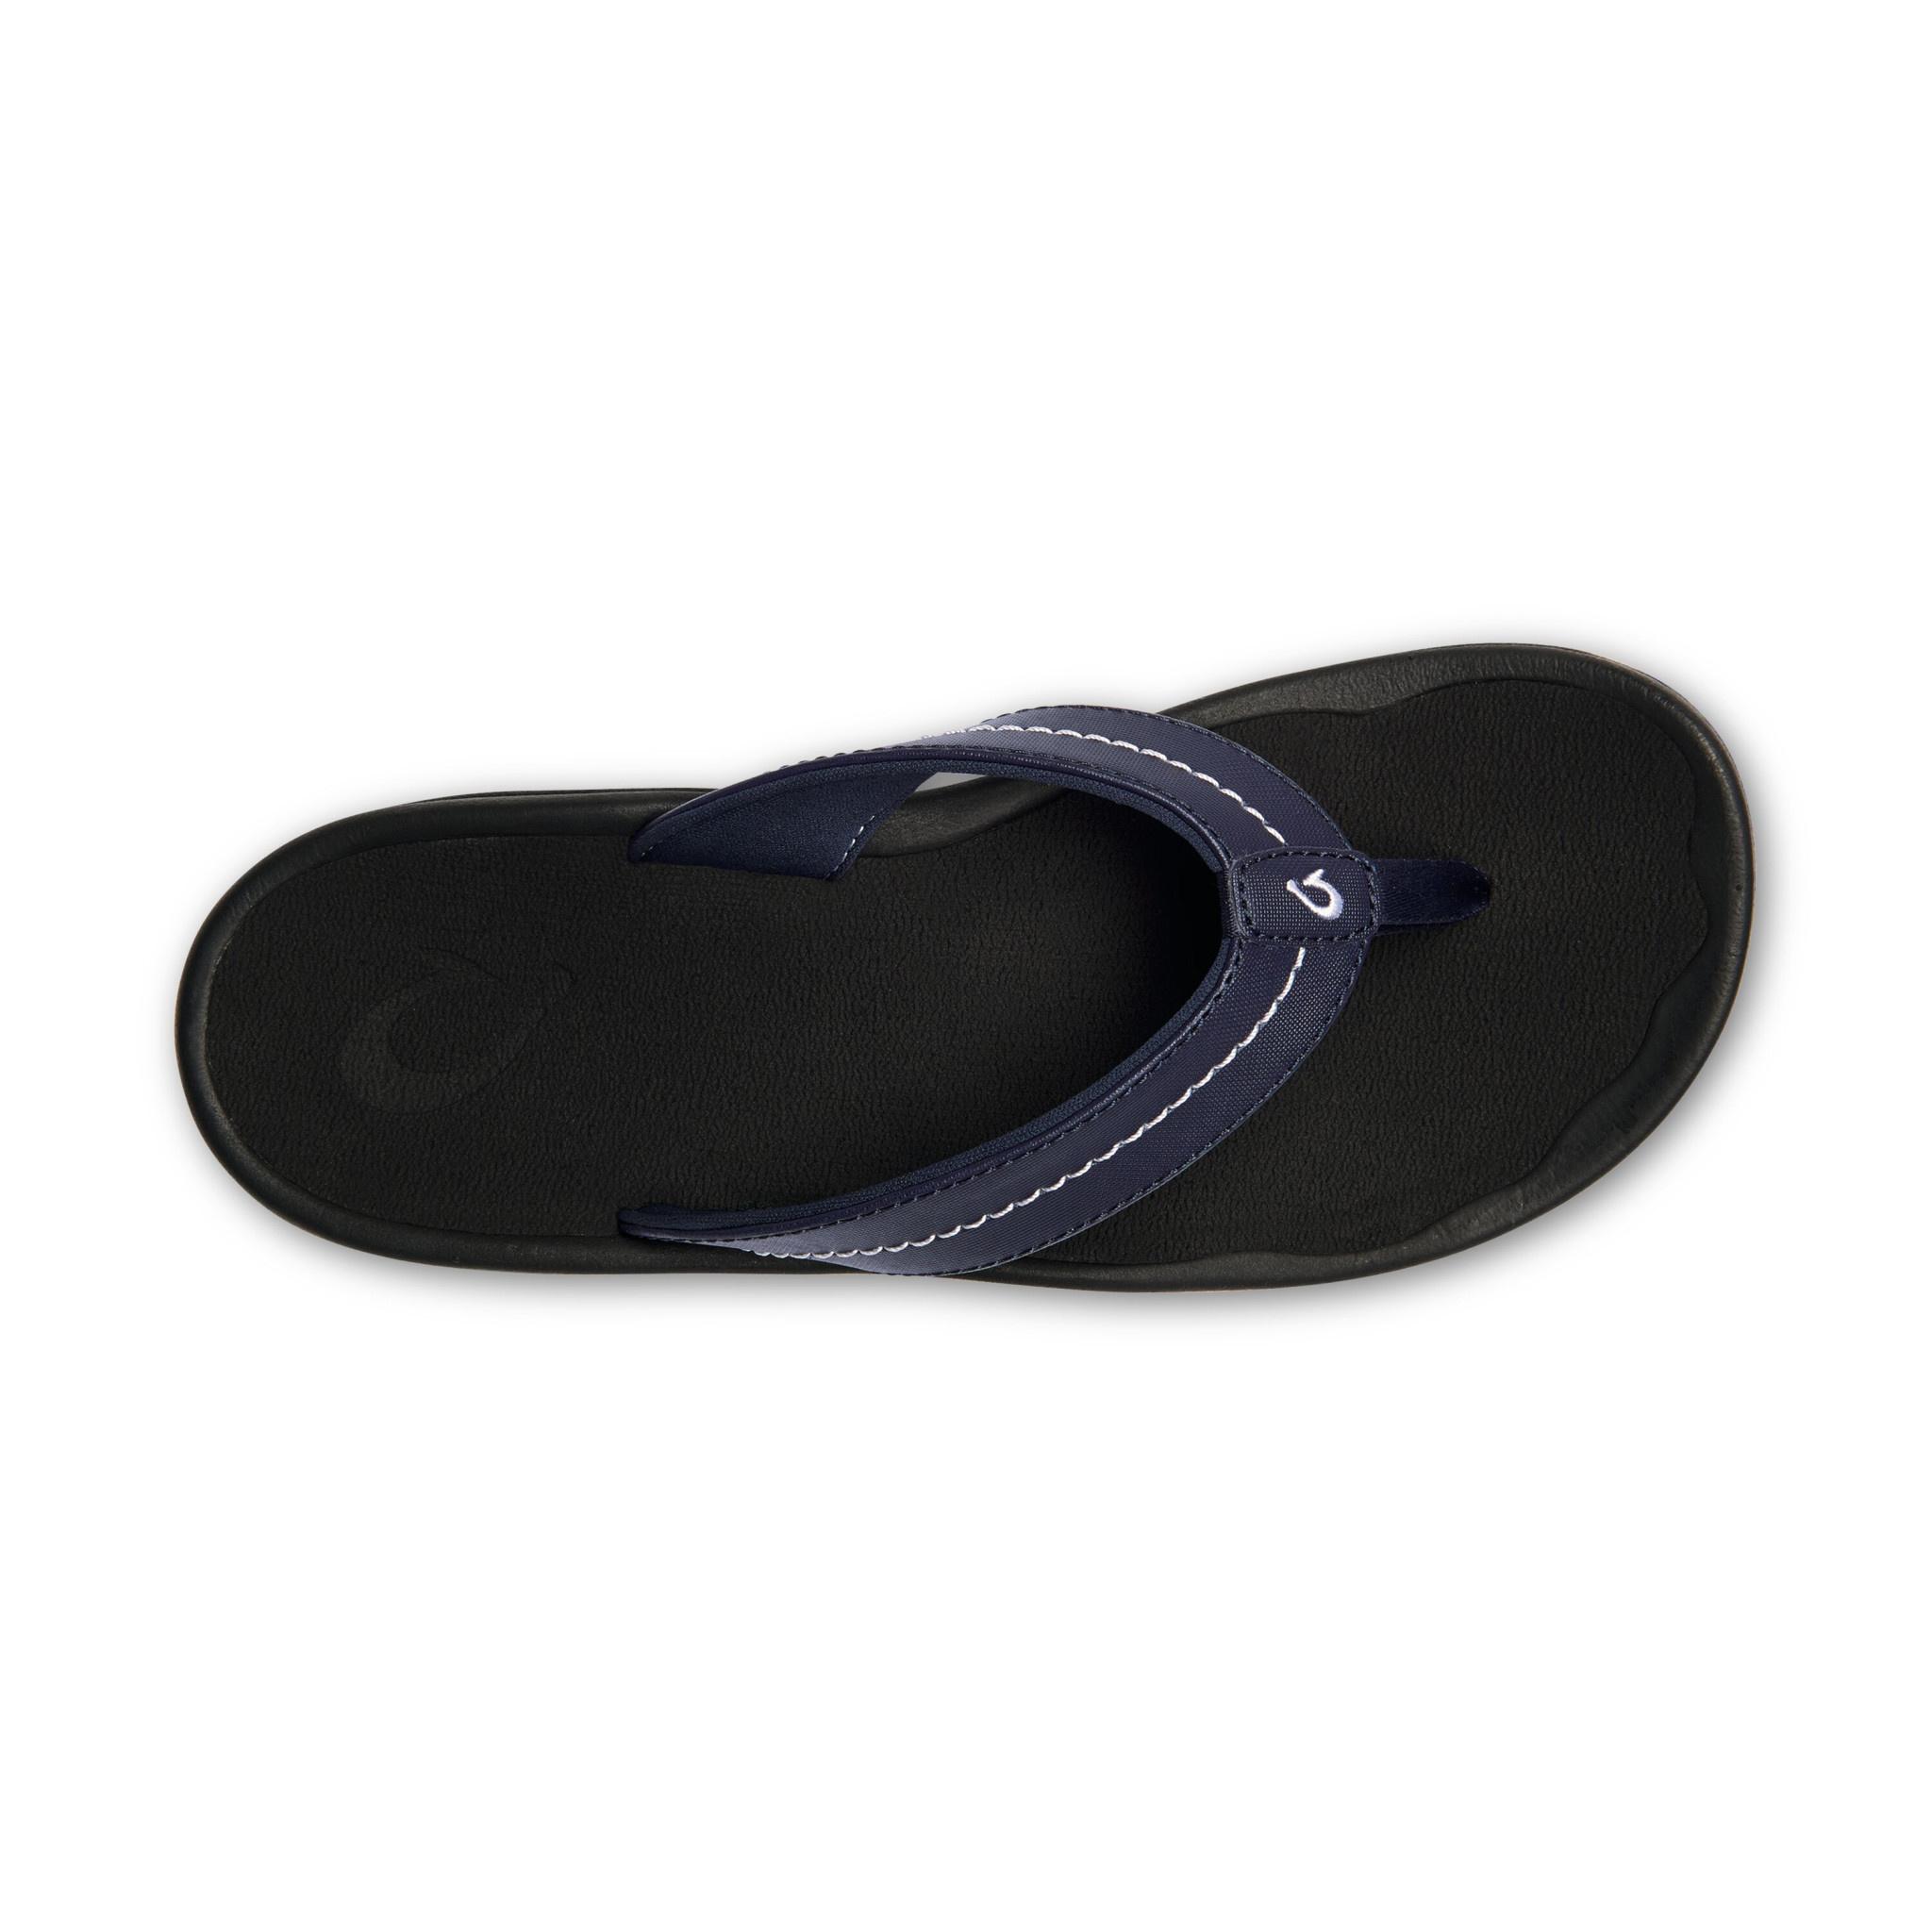 Olukai Olukai Ladies 'Ohana - Trench Blue/Black